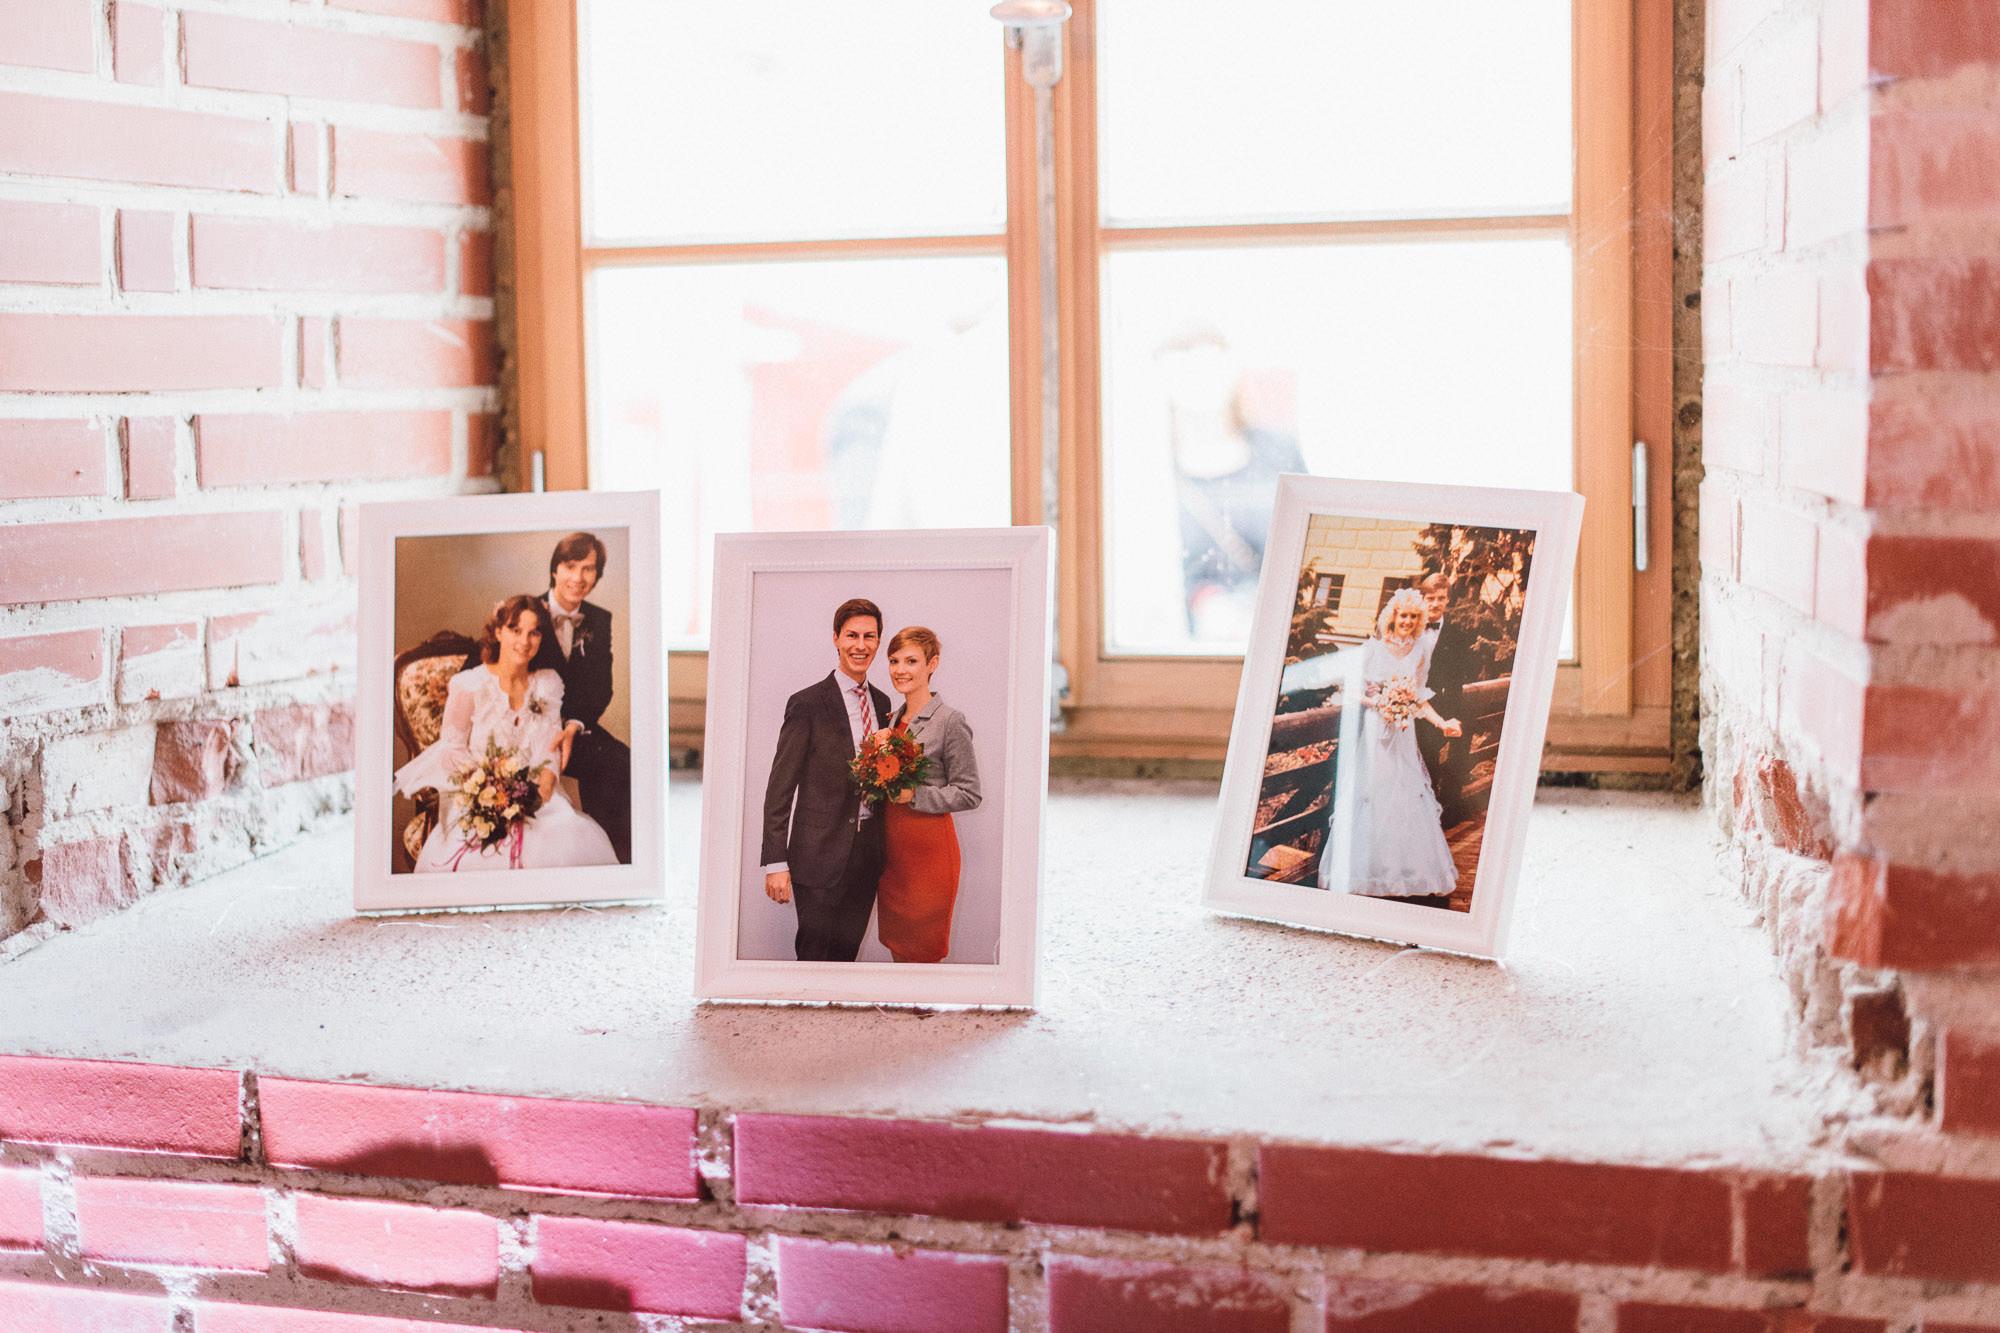 greenery-wedding-hochzeit-prielhof-sukkulenten-scheyern-lauraelenaphotography-101